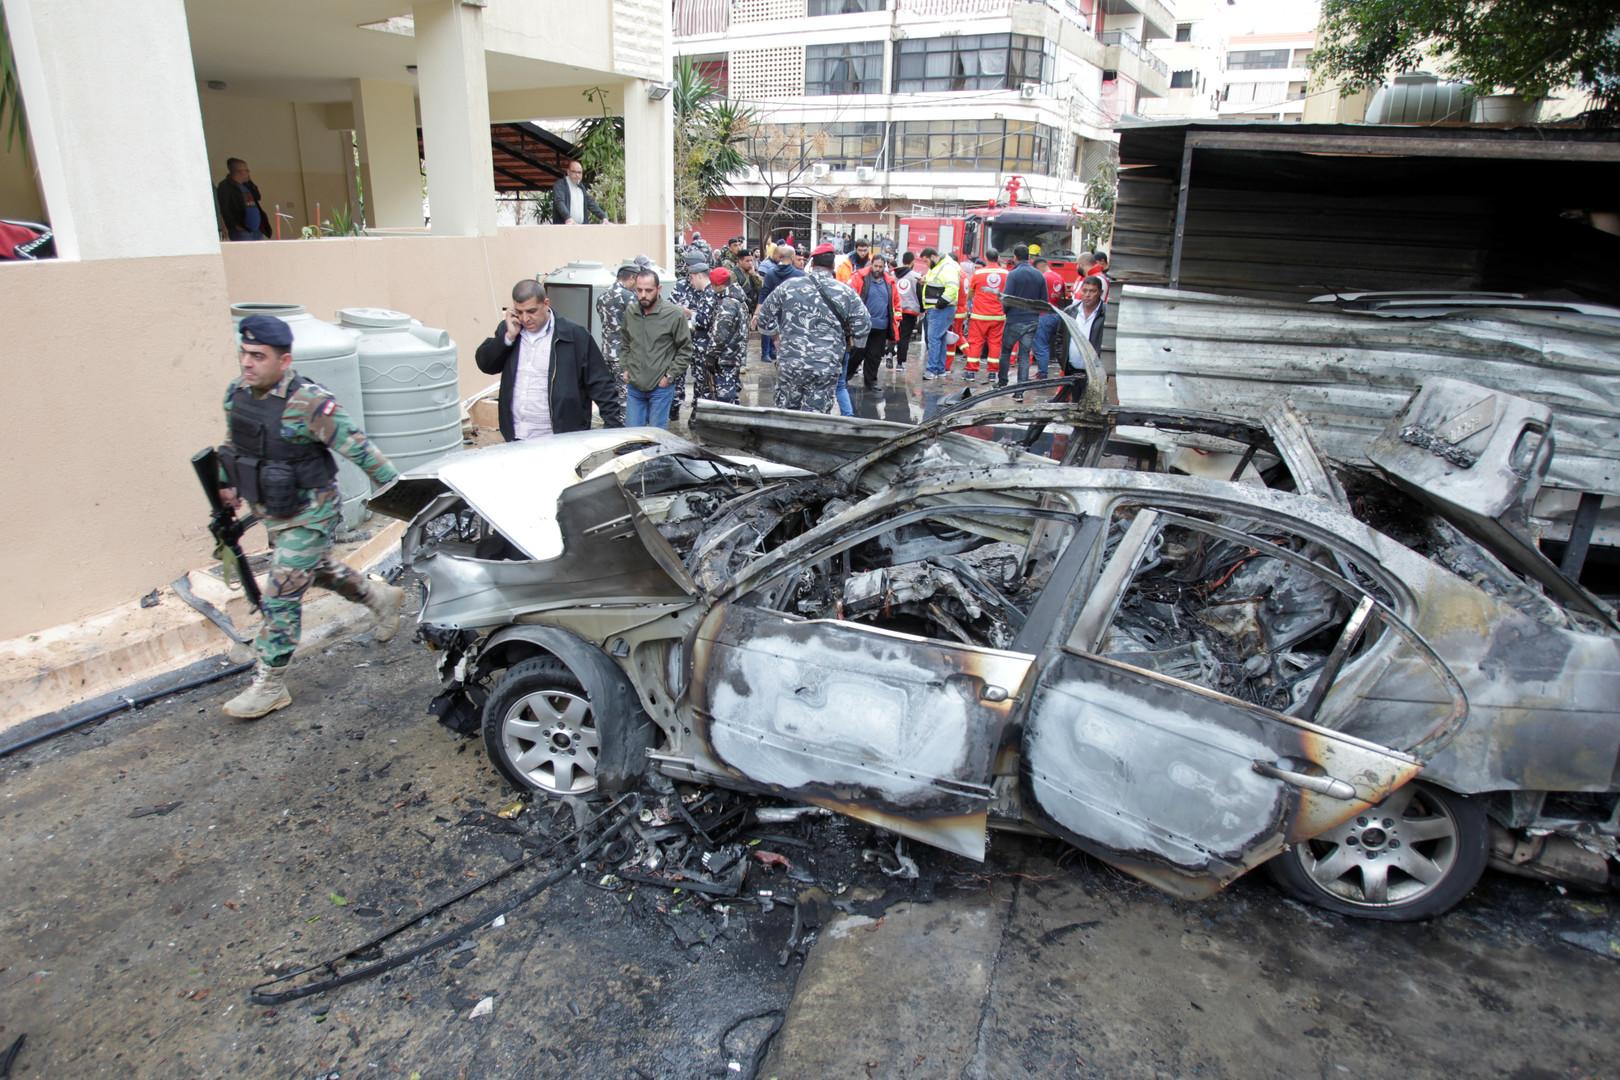 La voiture d'un leader du Hamas explose au Liban